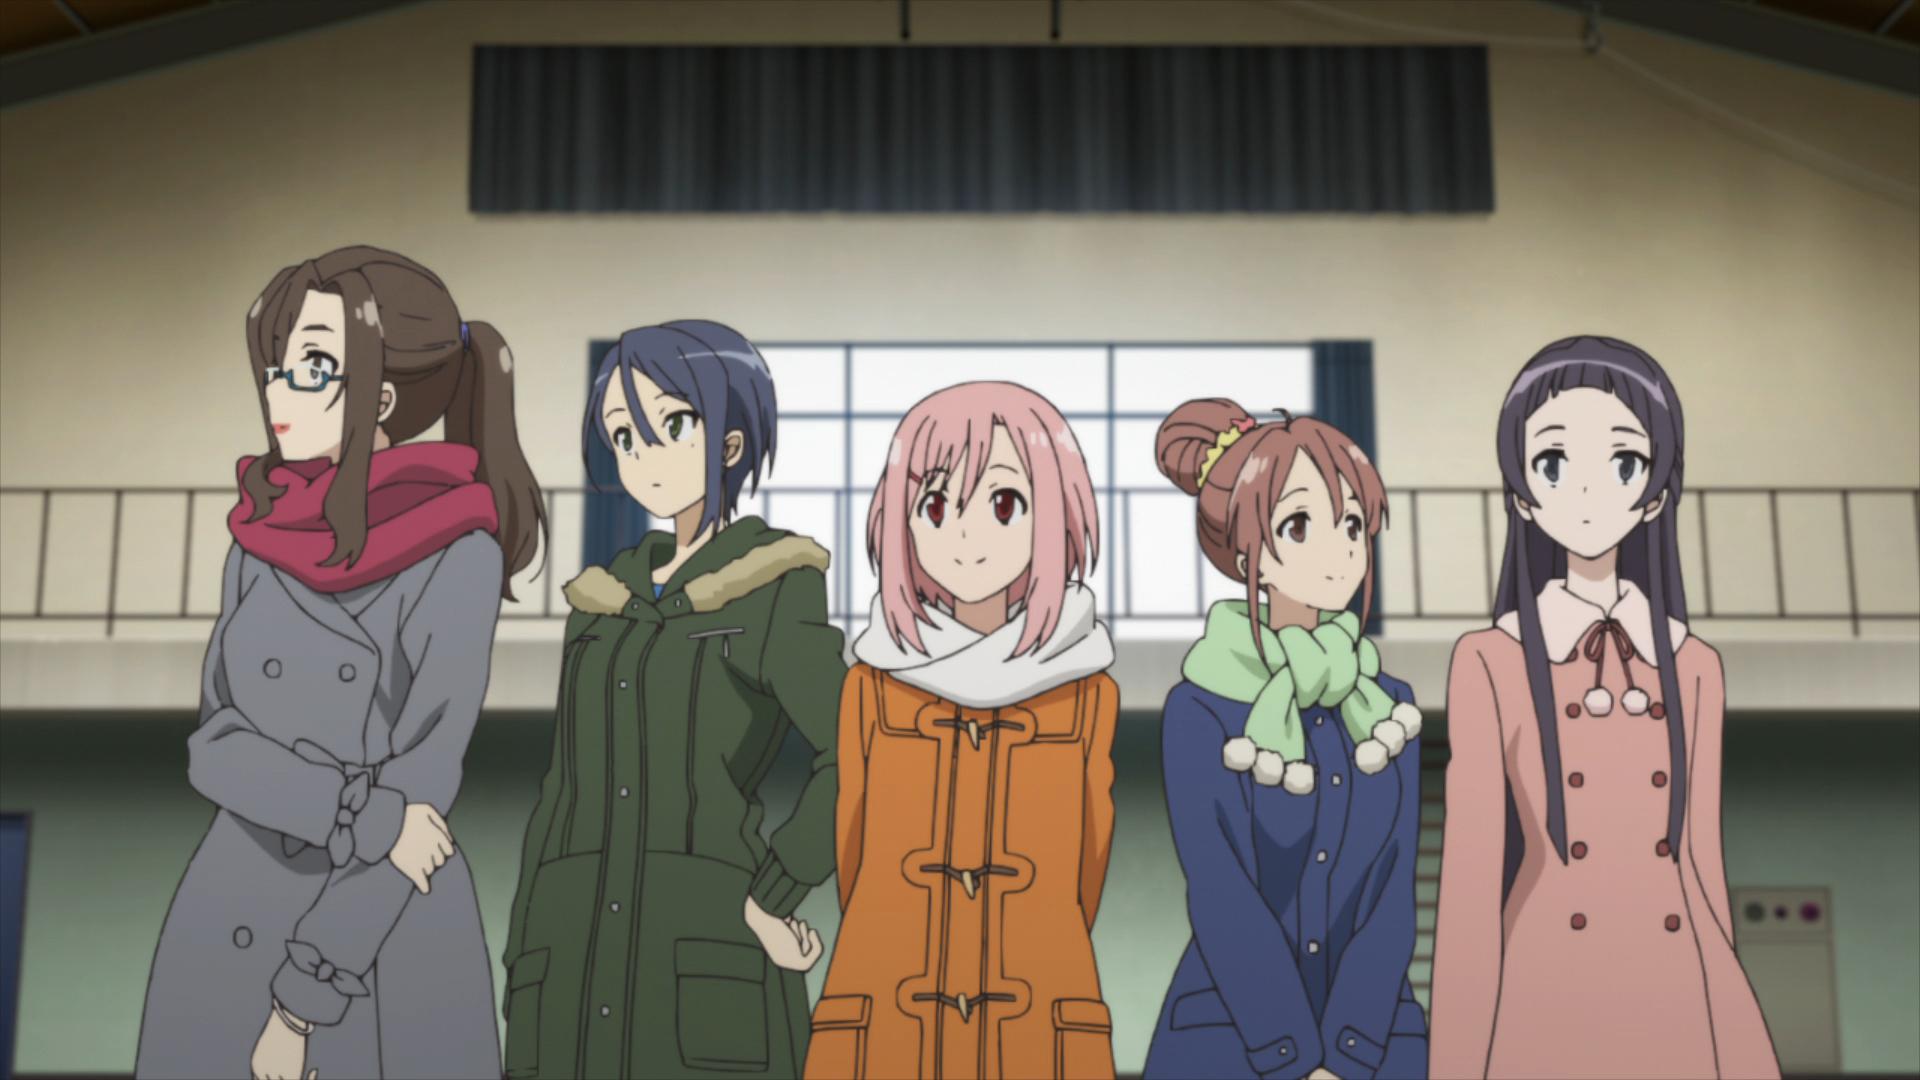 Sakura Quest / Episode 20 / Sanae, Maki, Yoshino, Shiori, and Ririko standing together